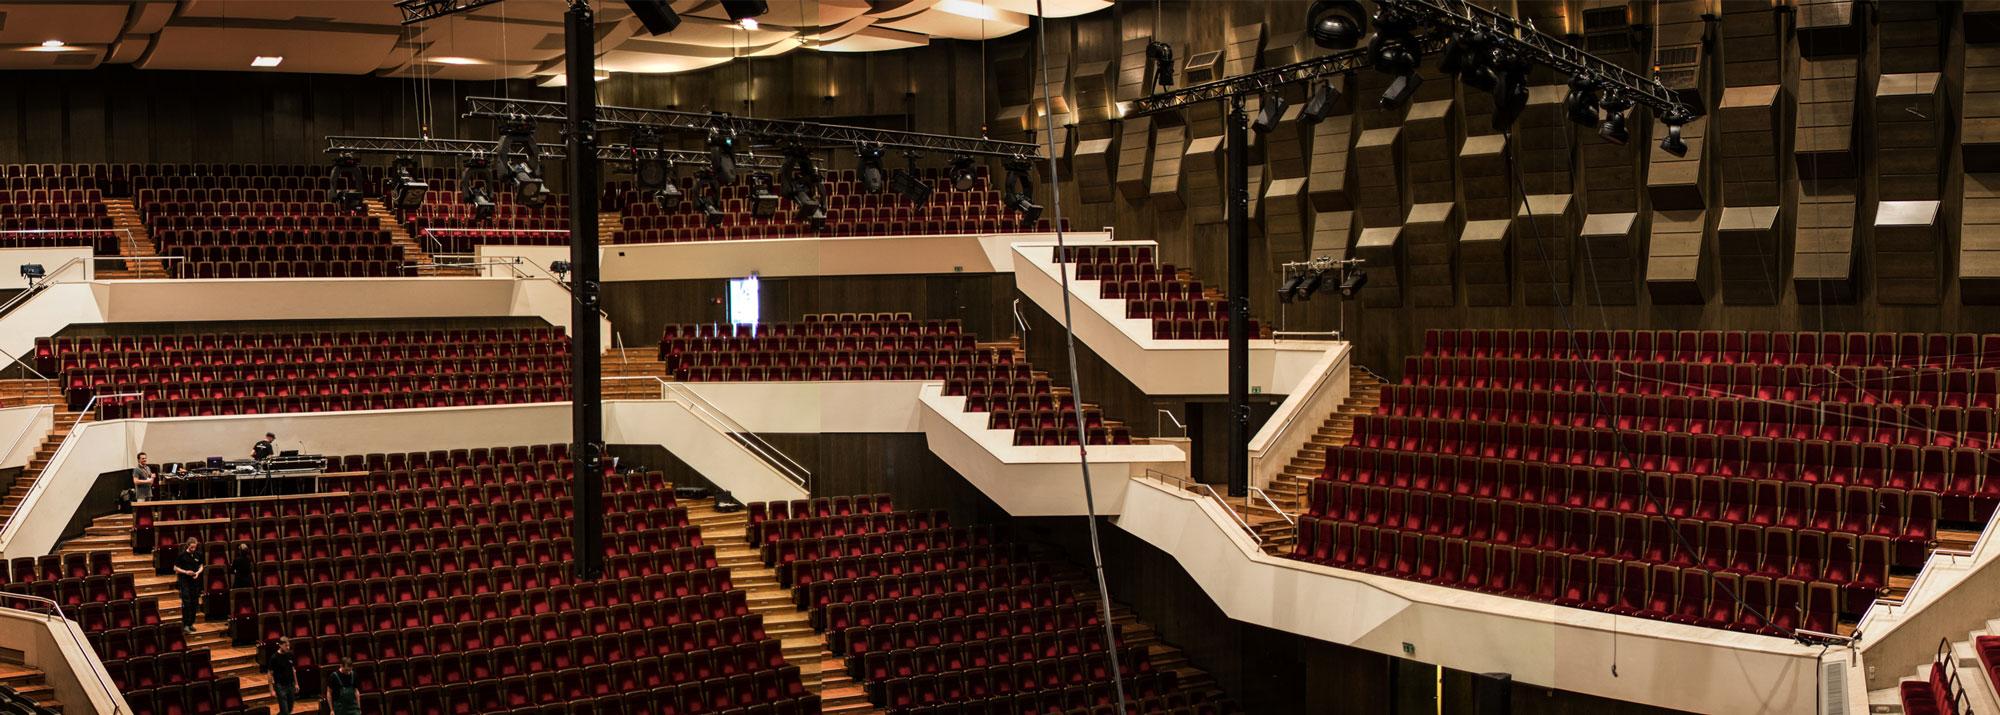 75a Büro für Gestaltung begleitet den Aufbau für's Bobby McFerrin-Konzert im Gewandhaus Leipzig mit der Videokamera